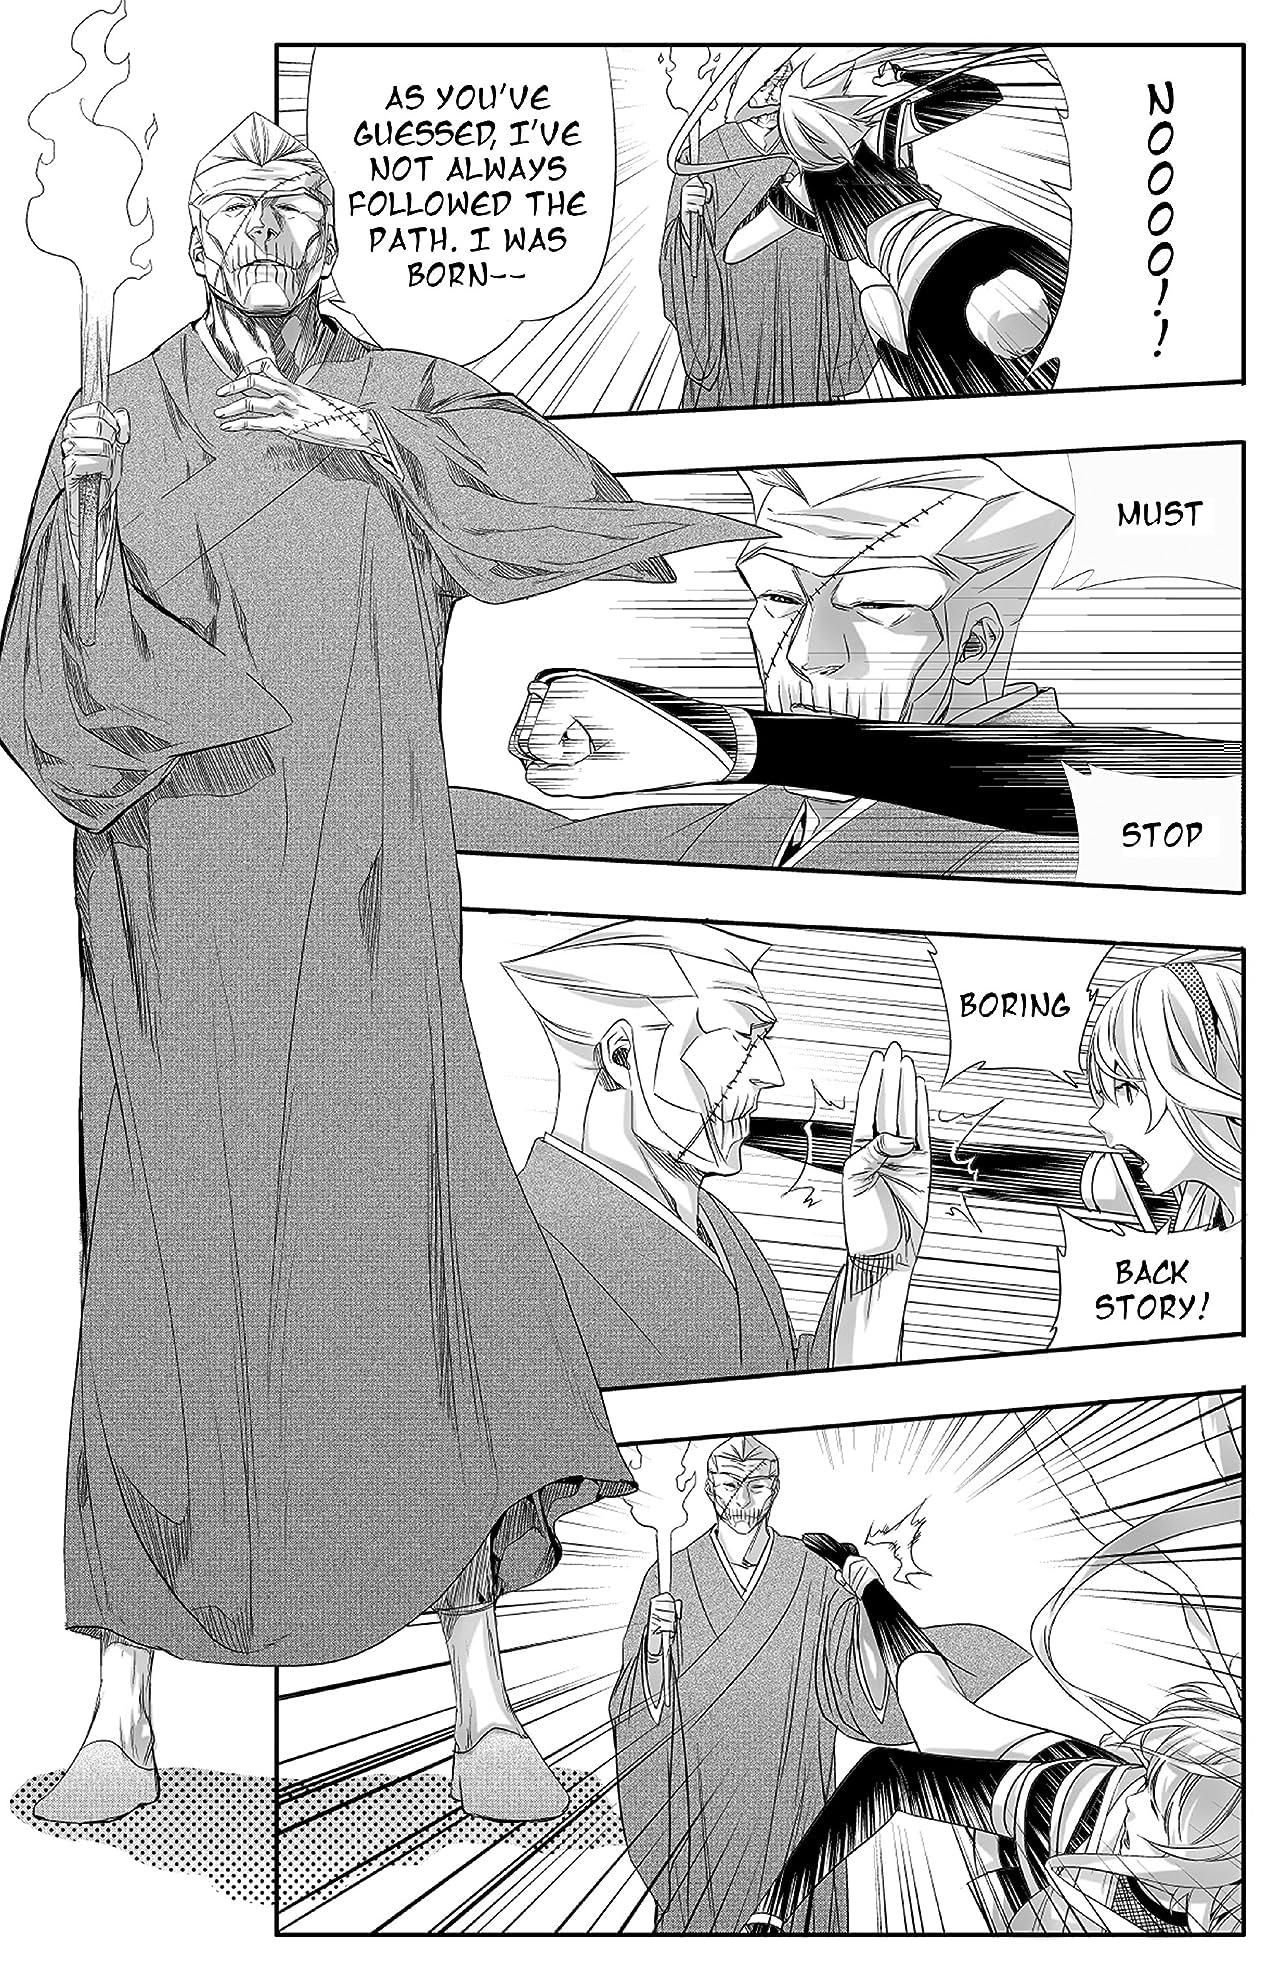 Blade Bunny Vol. 2 #3 (of 3)